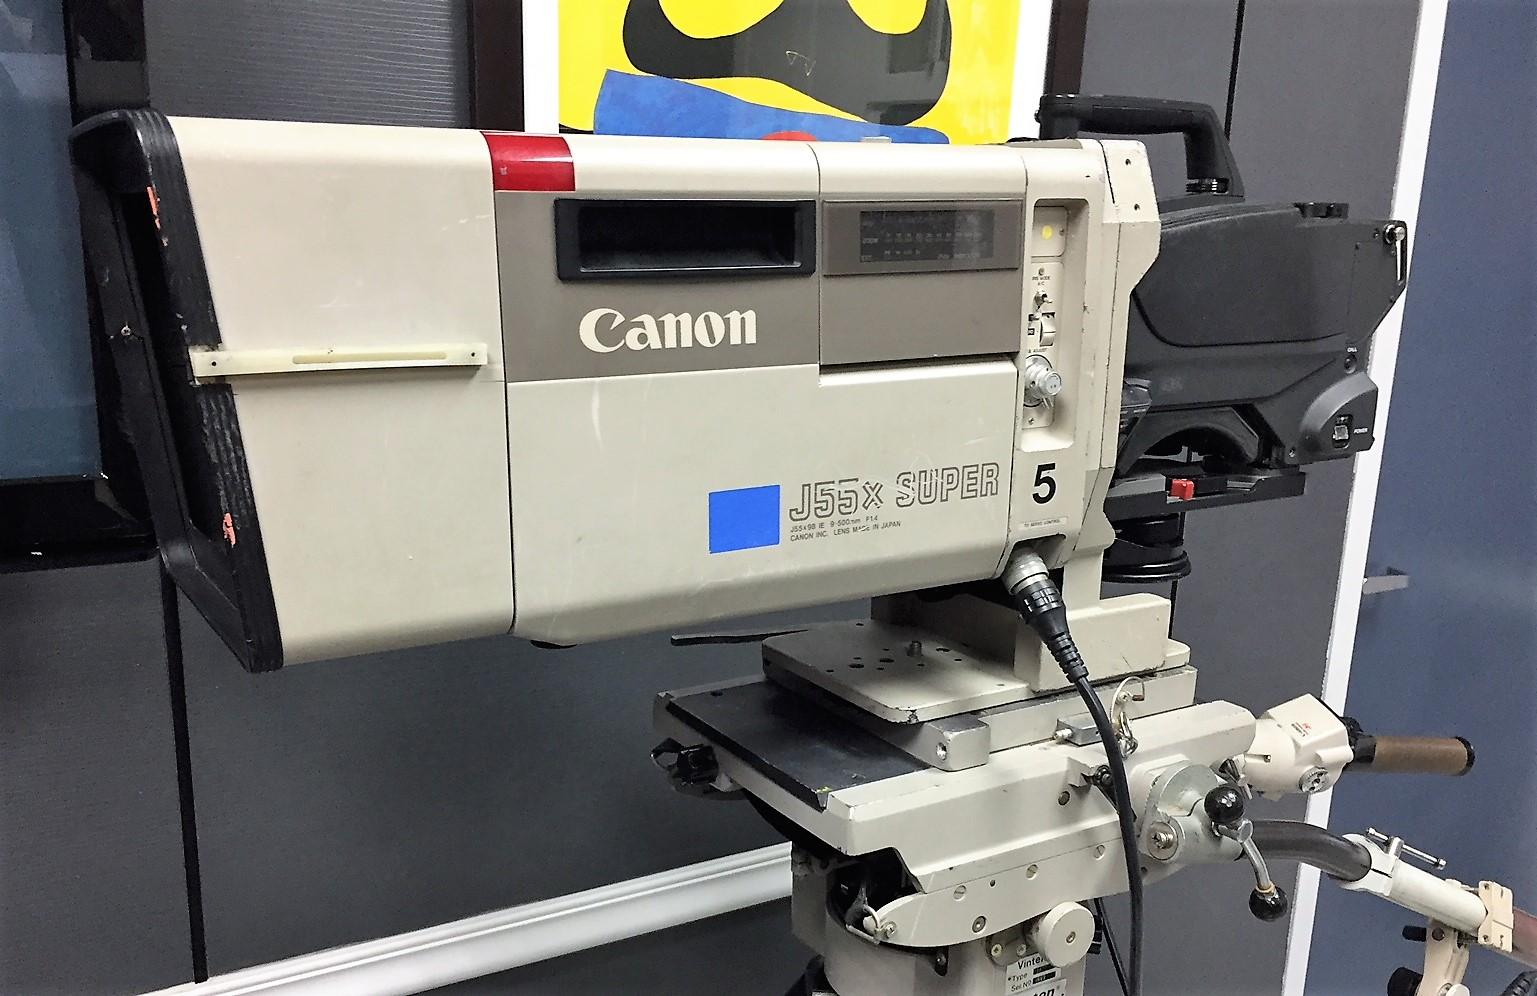 Canon Super 55 PJ55x9B